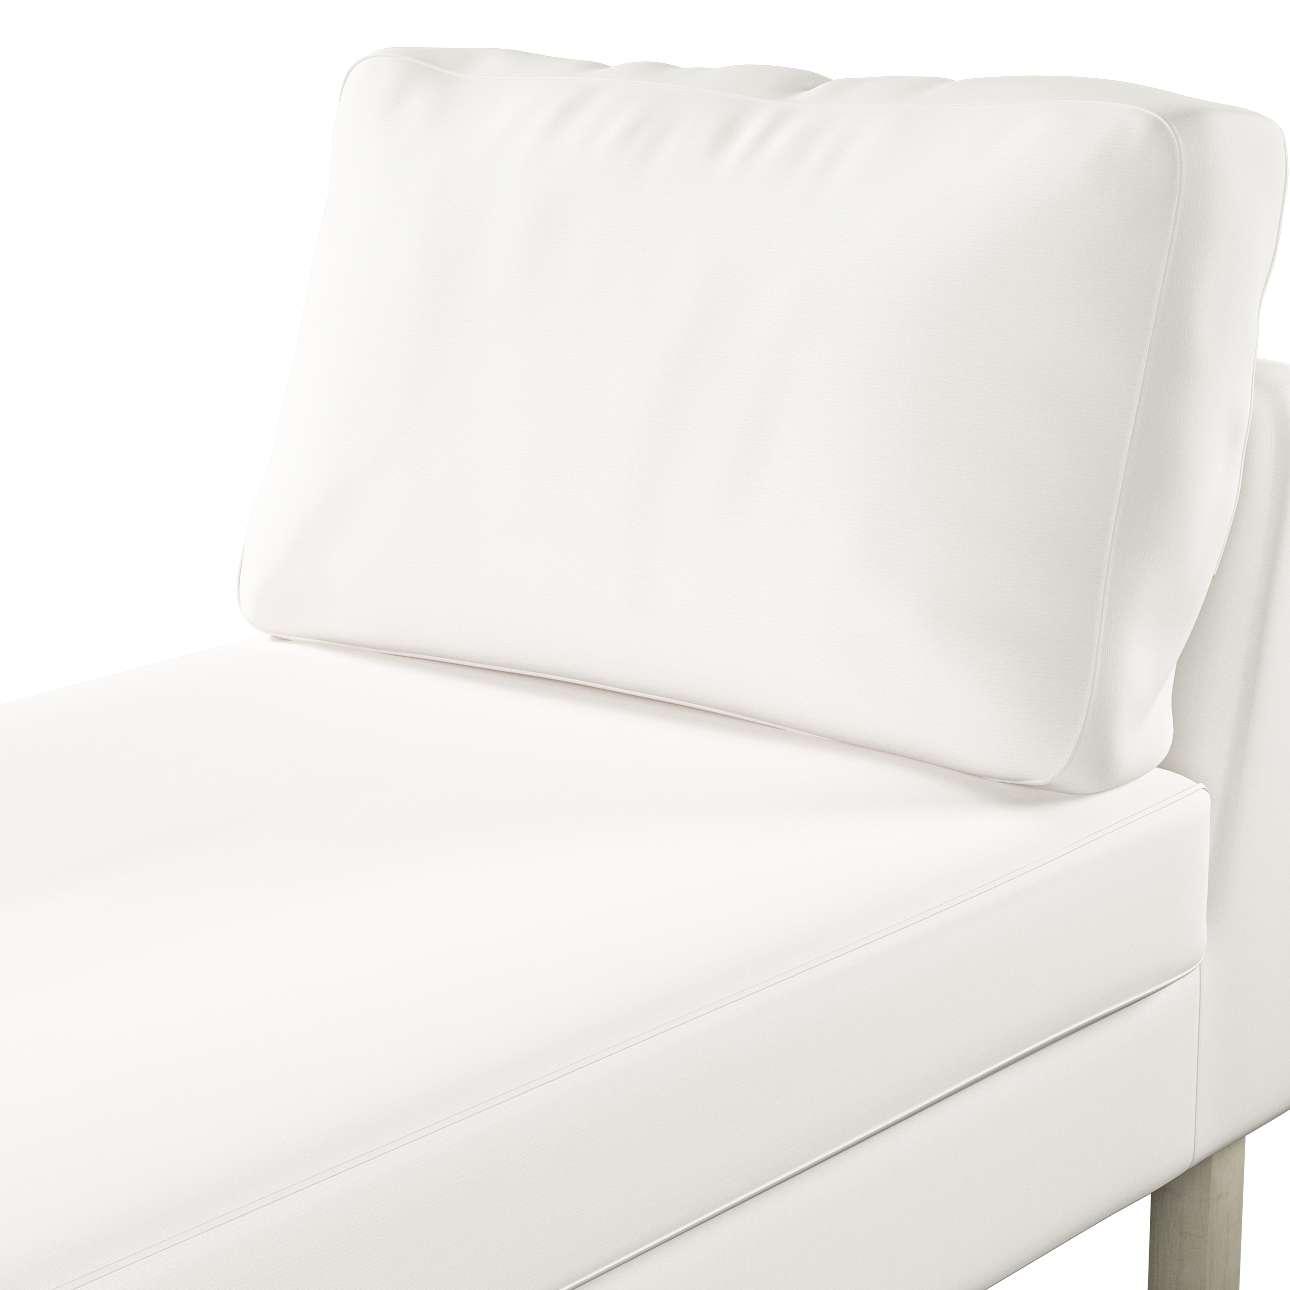 Pokrowiec na szezlong Karlstad wolnostojący, krótki w kolekcji Cotton Panama, tkanina: 702-34